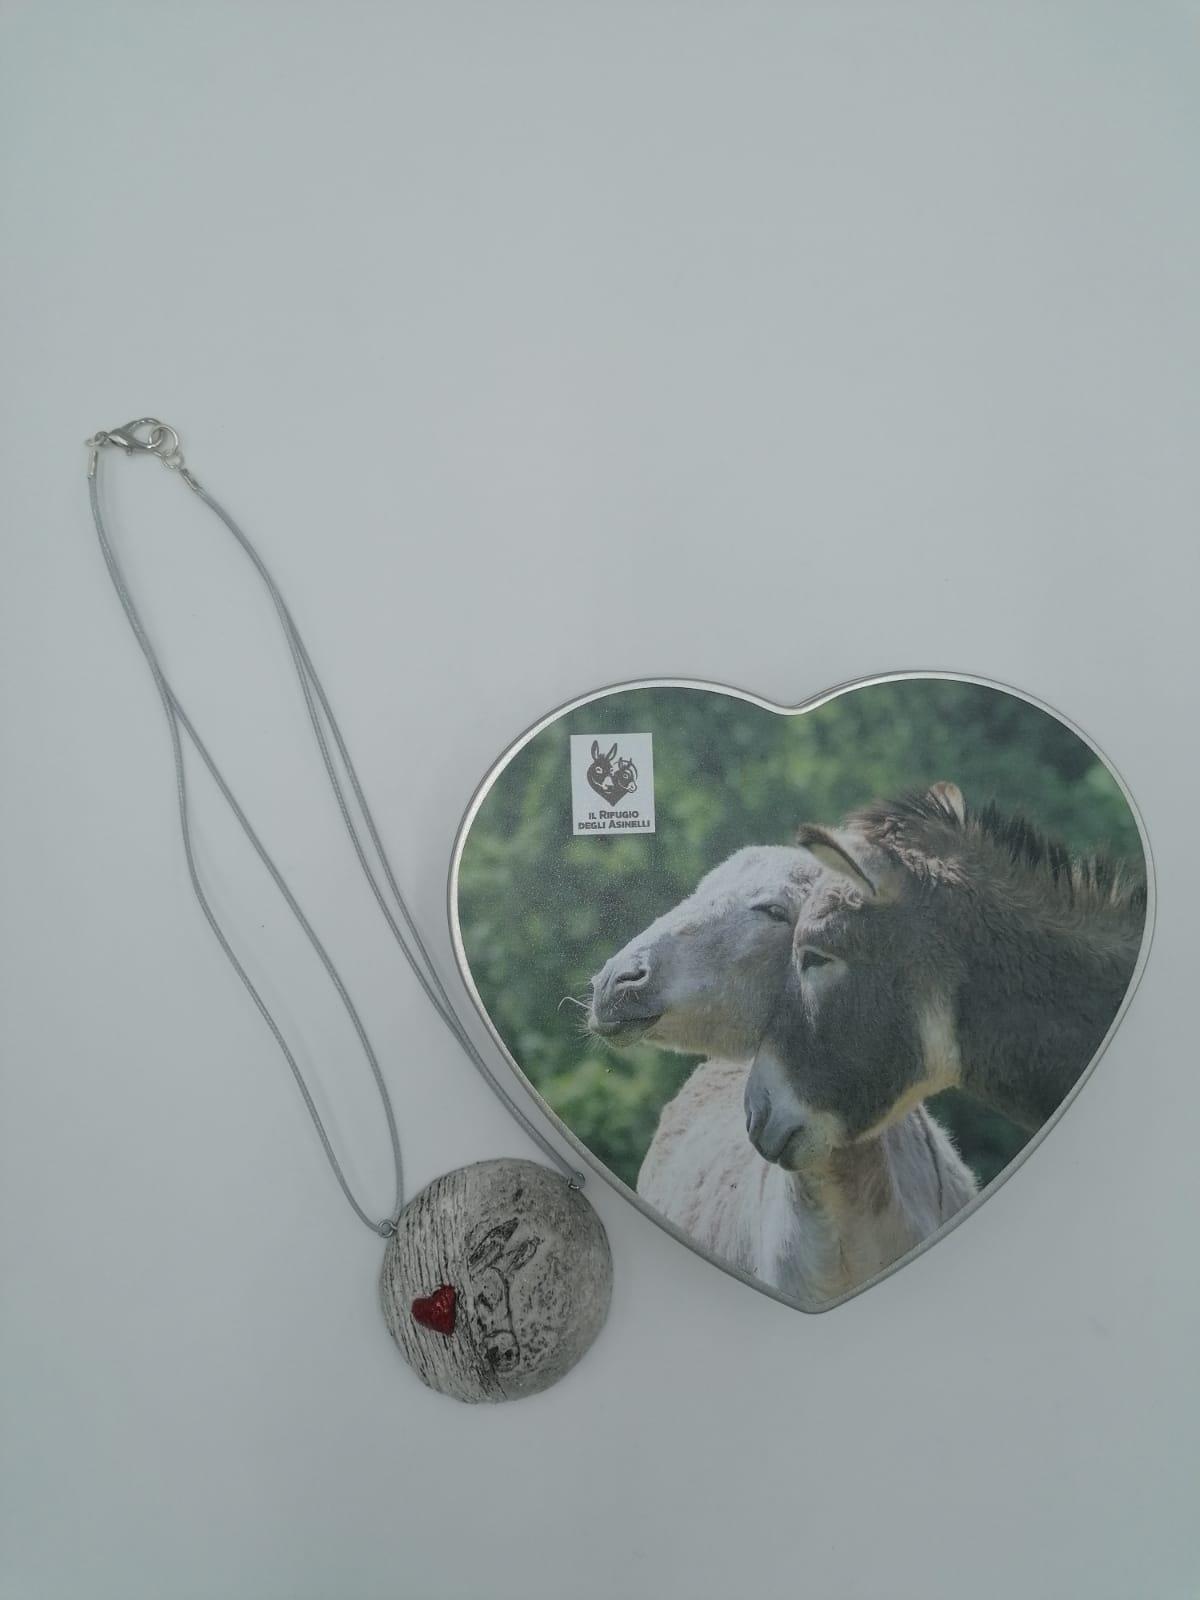 Collana asino e cuore in cartapesta, realizzata artigianalmente e scatola in latta a forma di cuore con foto asinelli. Dimensioni: 18,3 x 17,0 x 4,7 cm